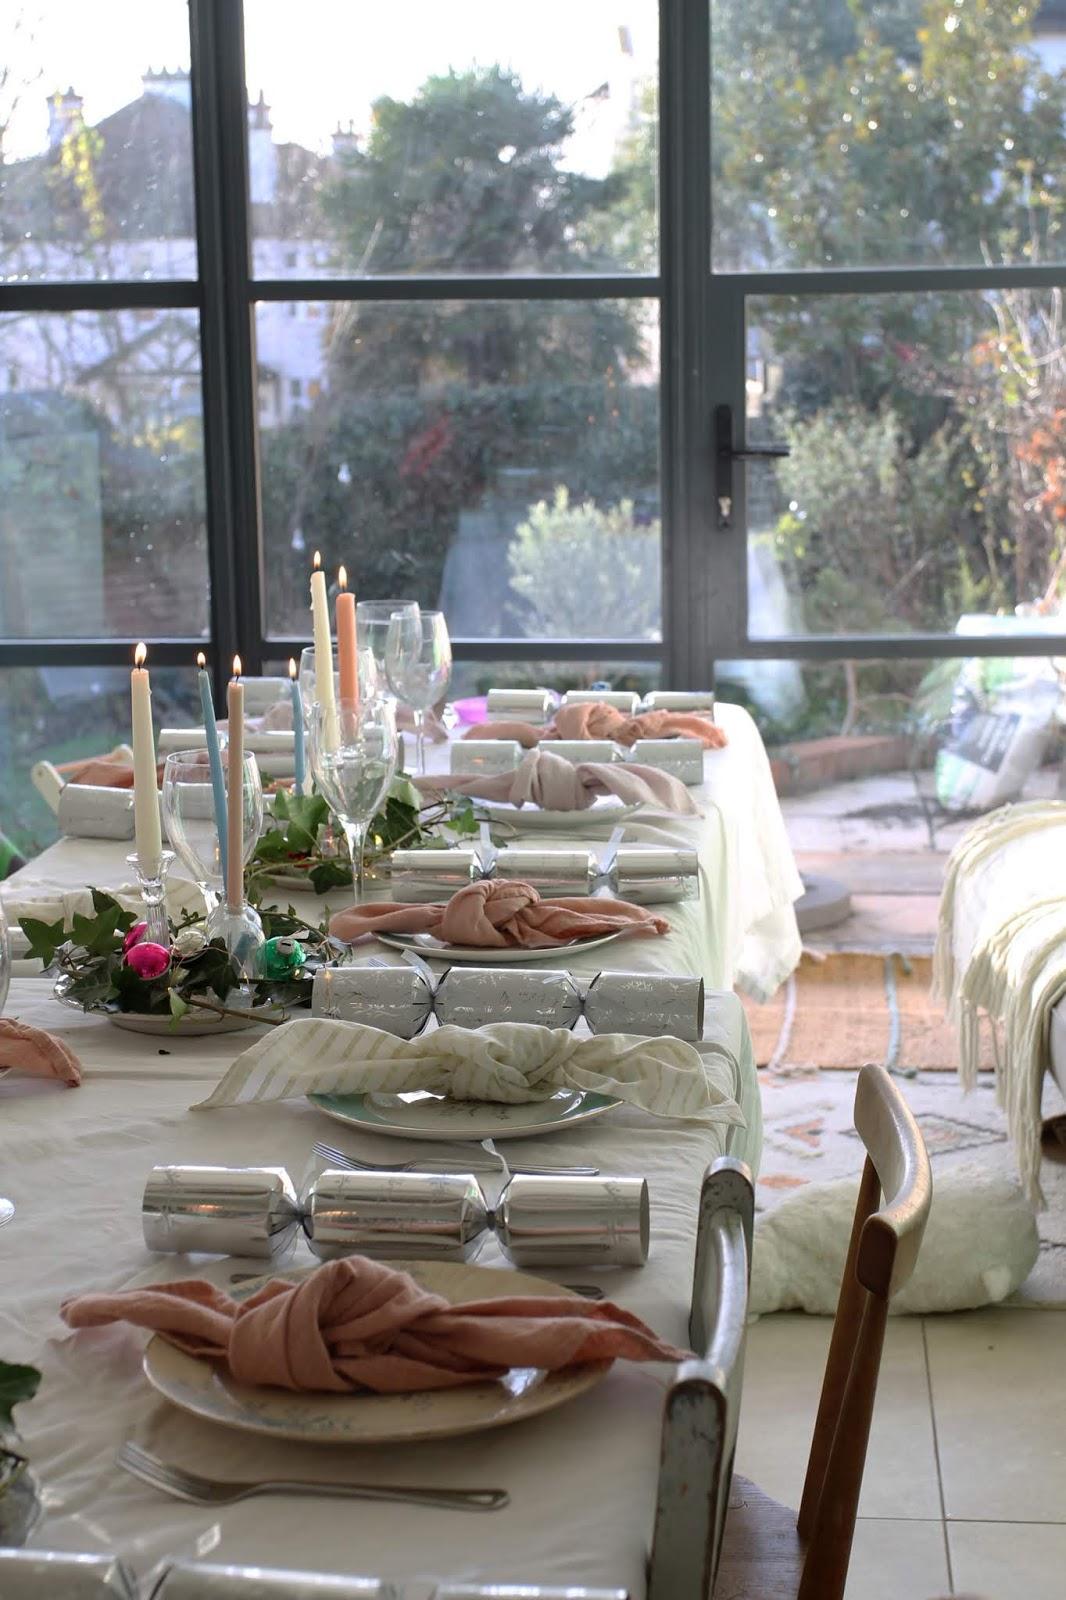 House_at_Christmas_6